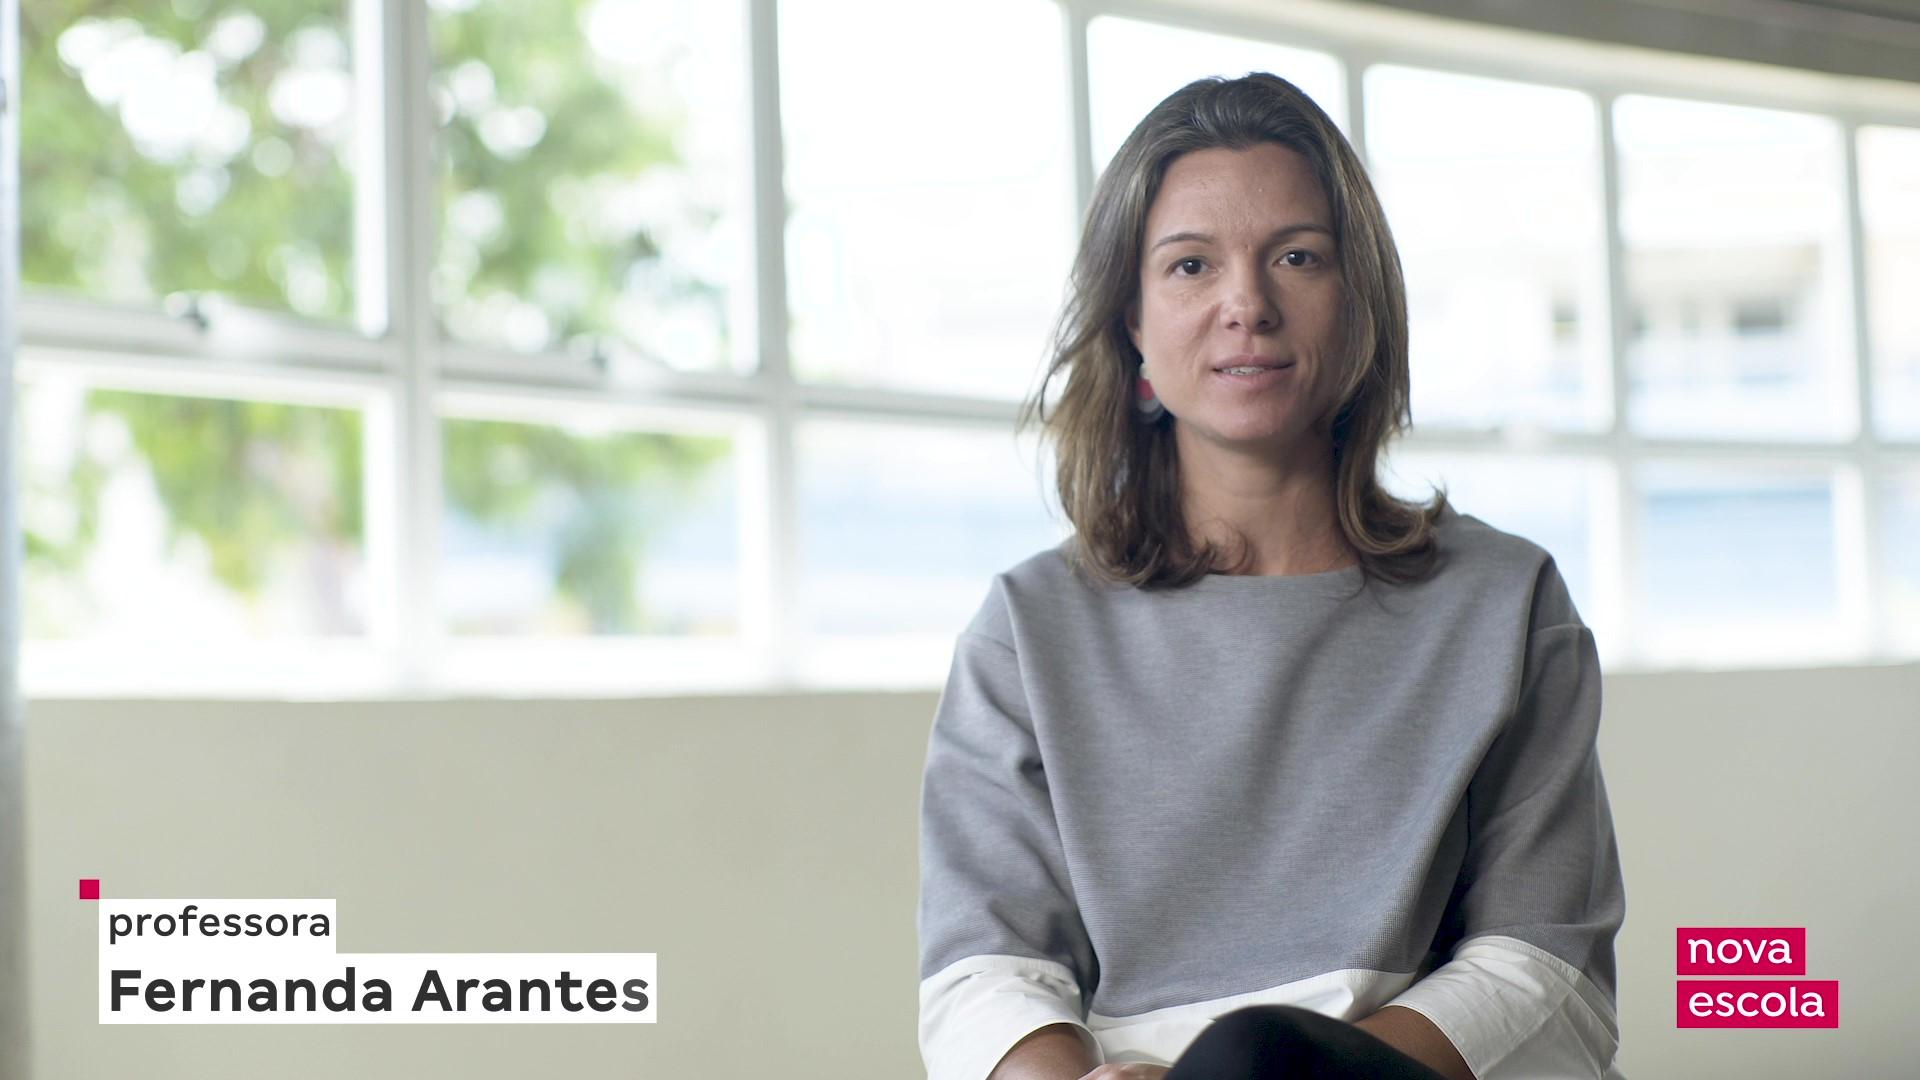 Fernanda Arantes